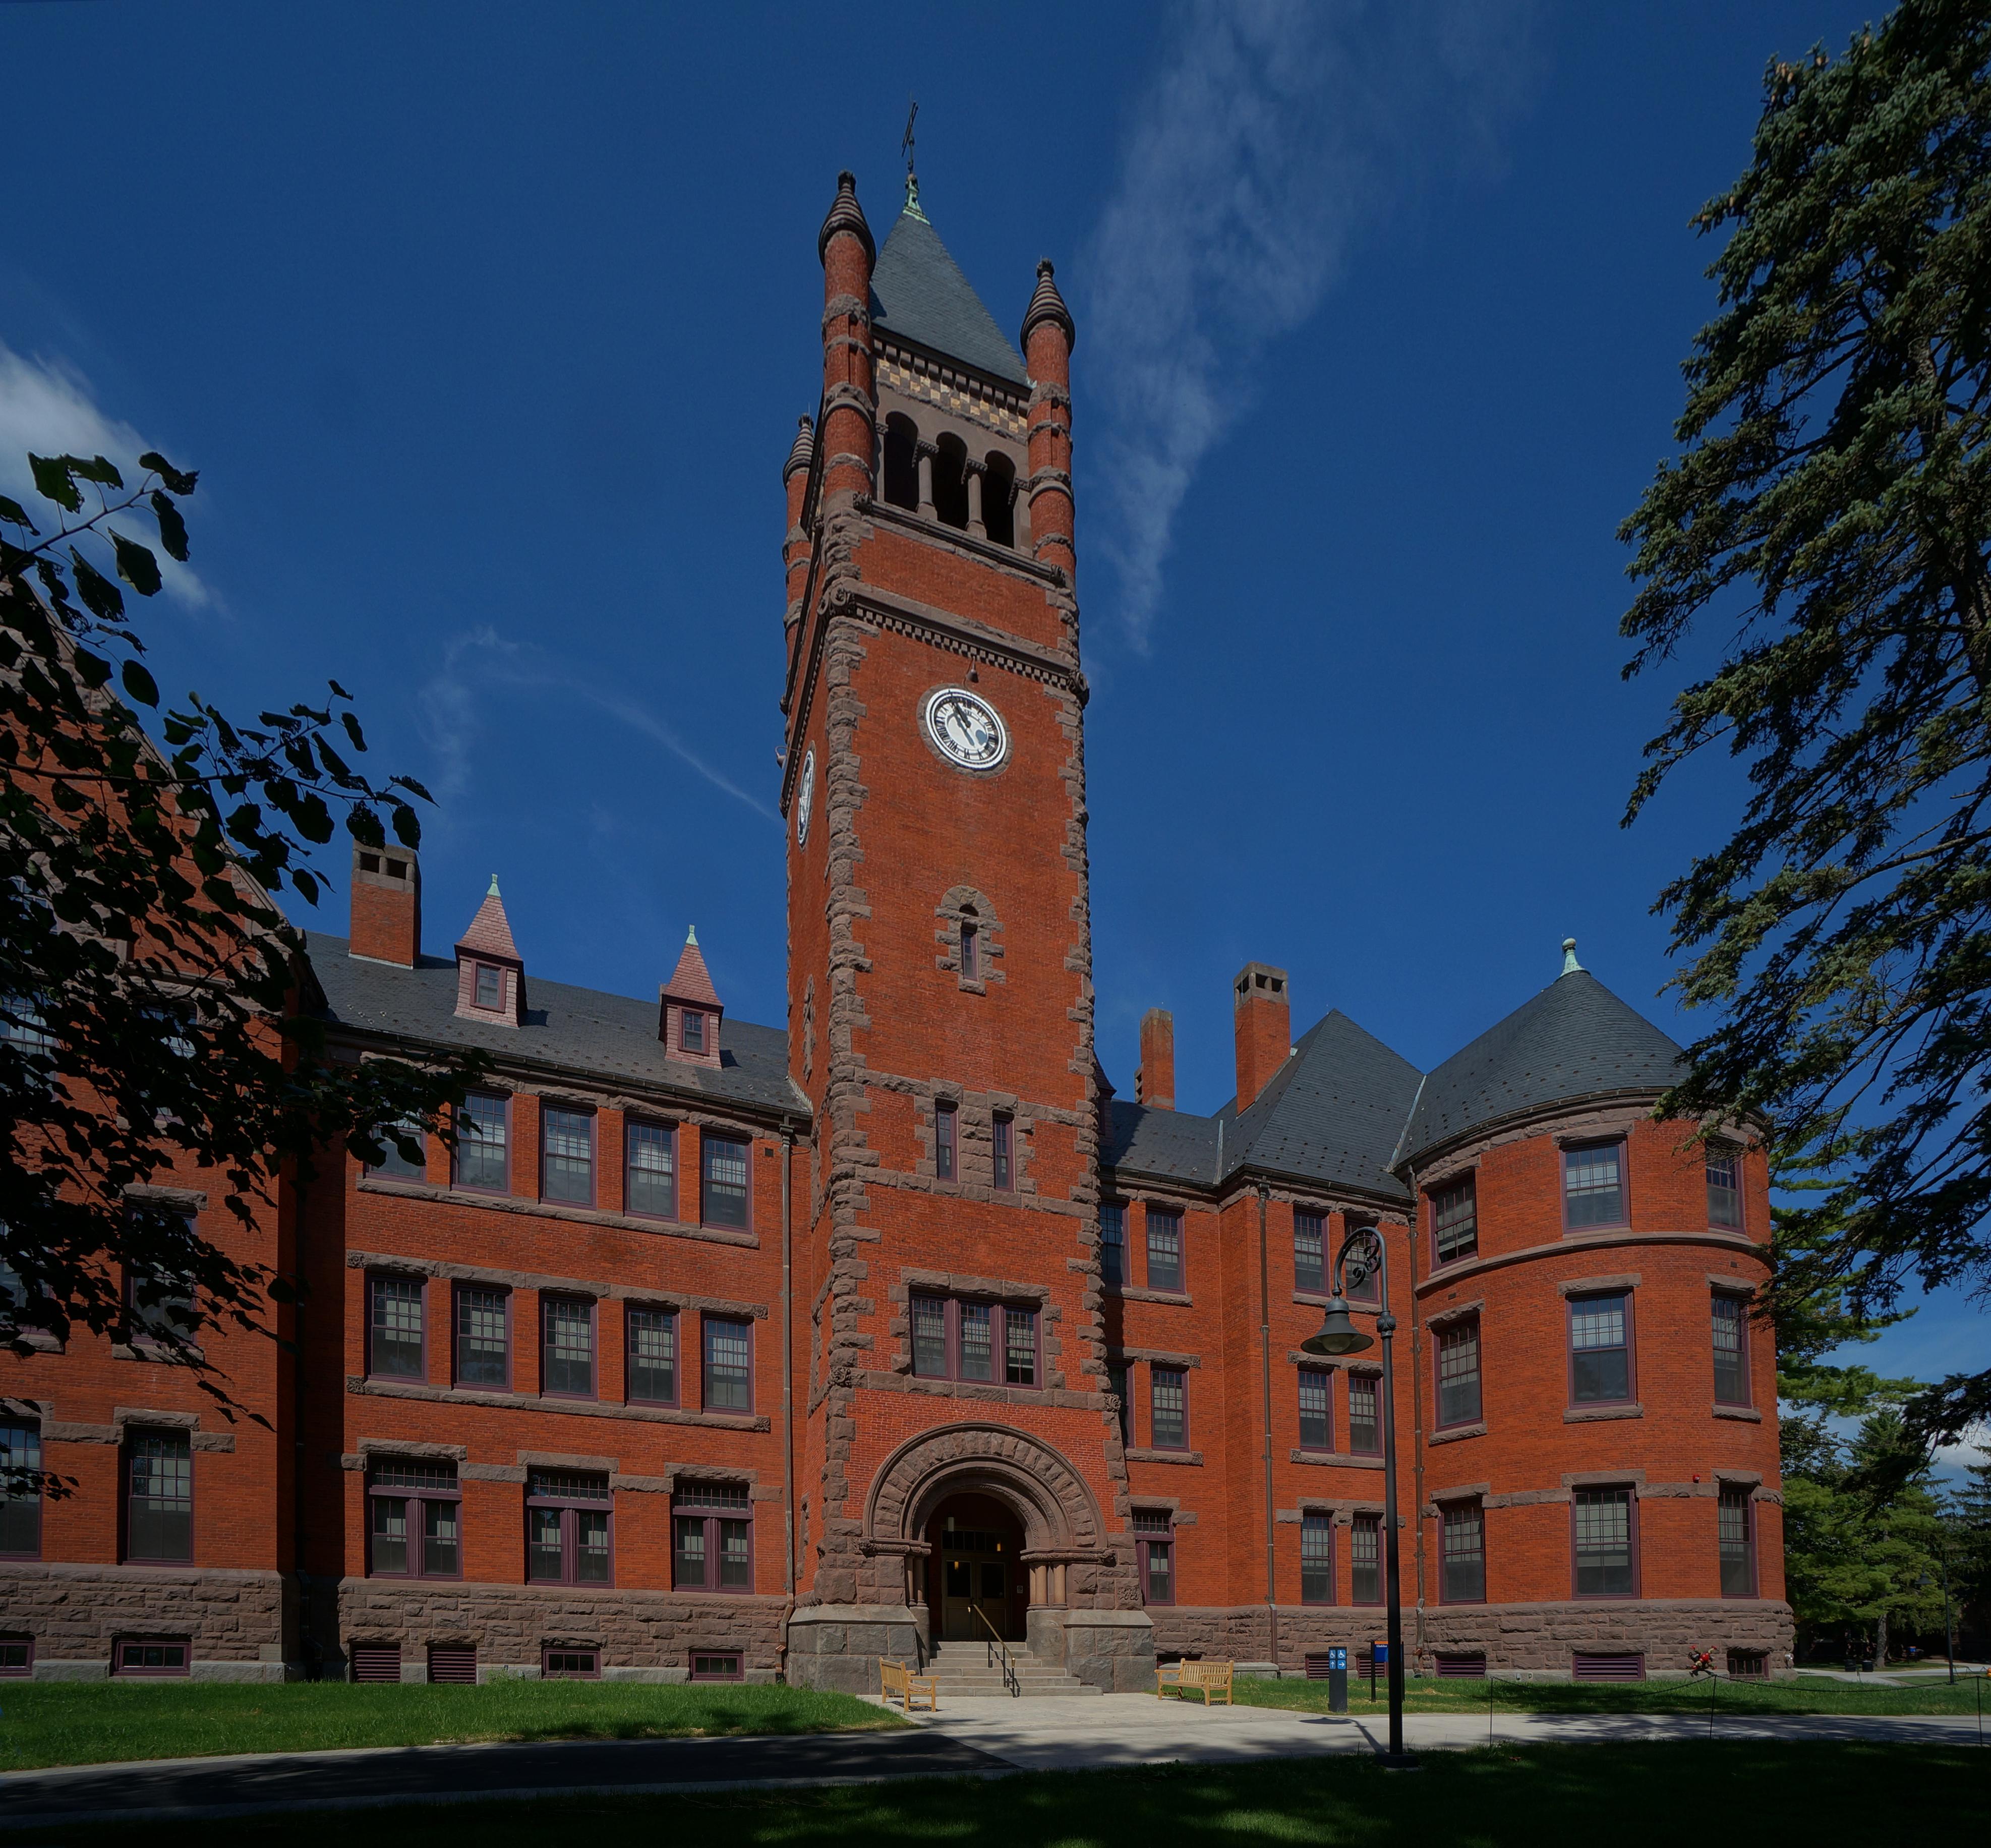 Gettysburg College Glatfelter Hall